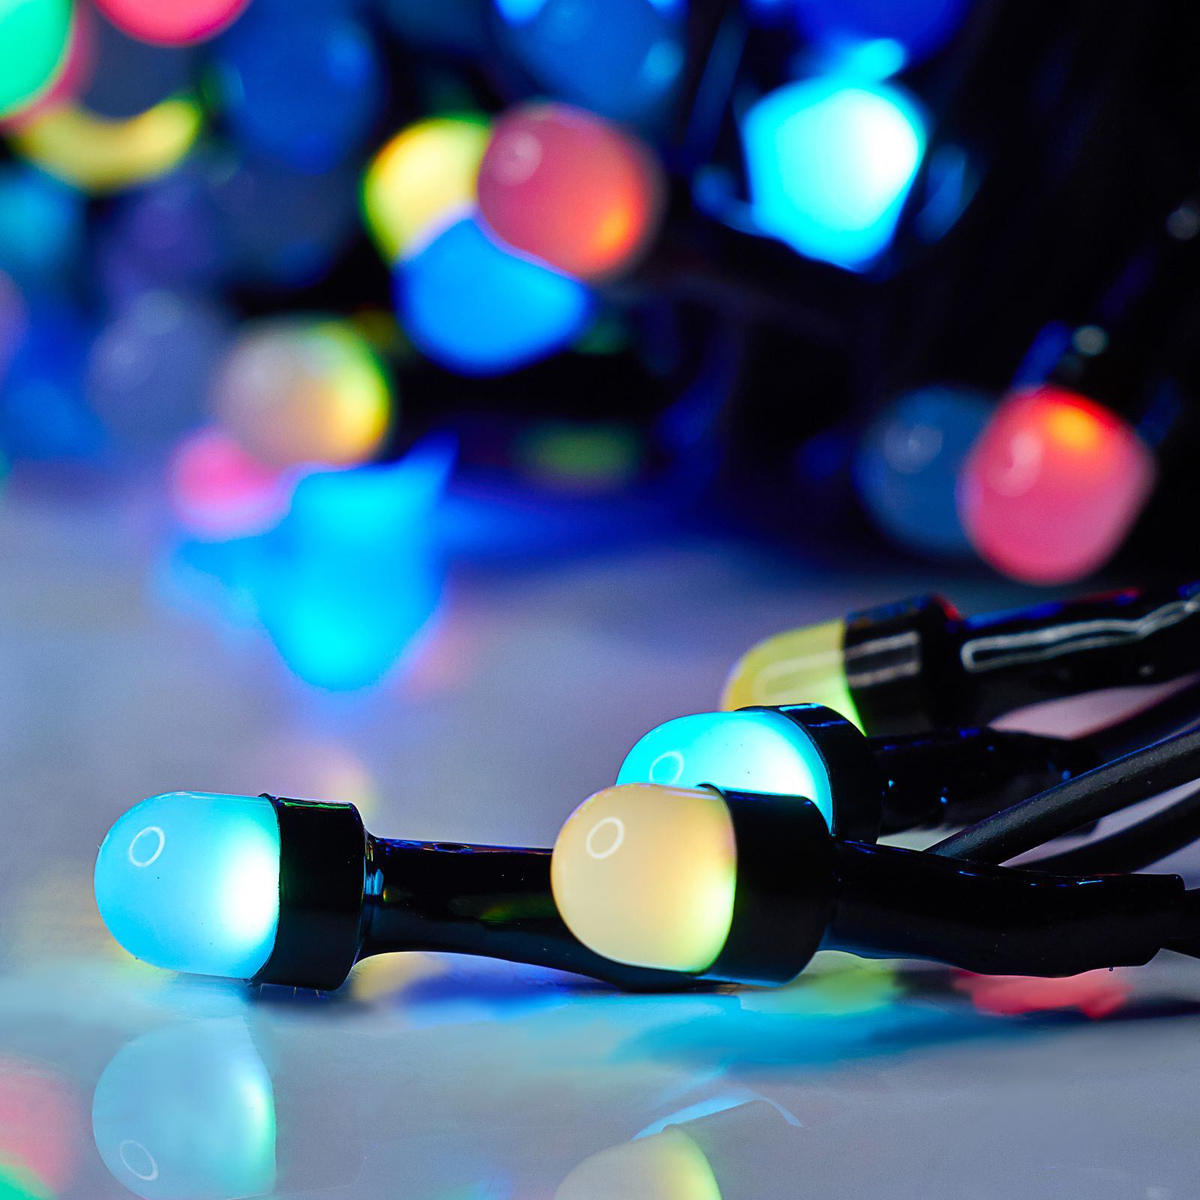 Гирлянда Luazon Метраж, длина 20 м, LED 200 ламп, 220V, цвет: мультиколор. 10805781080578Светодиодные гирлянды, ленты и т.д — это отличный вариант для новогоднего оформления интерьера или фасада. С их помощью помещение любого размера можно превратить в праздничный зал, а внешние элементы зданий, украшенные ими, мгновенно станут напоминать очертания сказочного дворца. Такие украшения создают ауру предвкушения чуда. Деревья, фасады, витрины, окна и арки будто специально созданы, чтобы вы украсили их светящимися нитями.